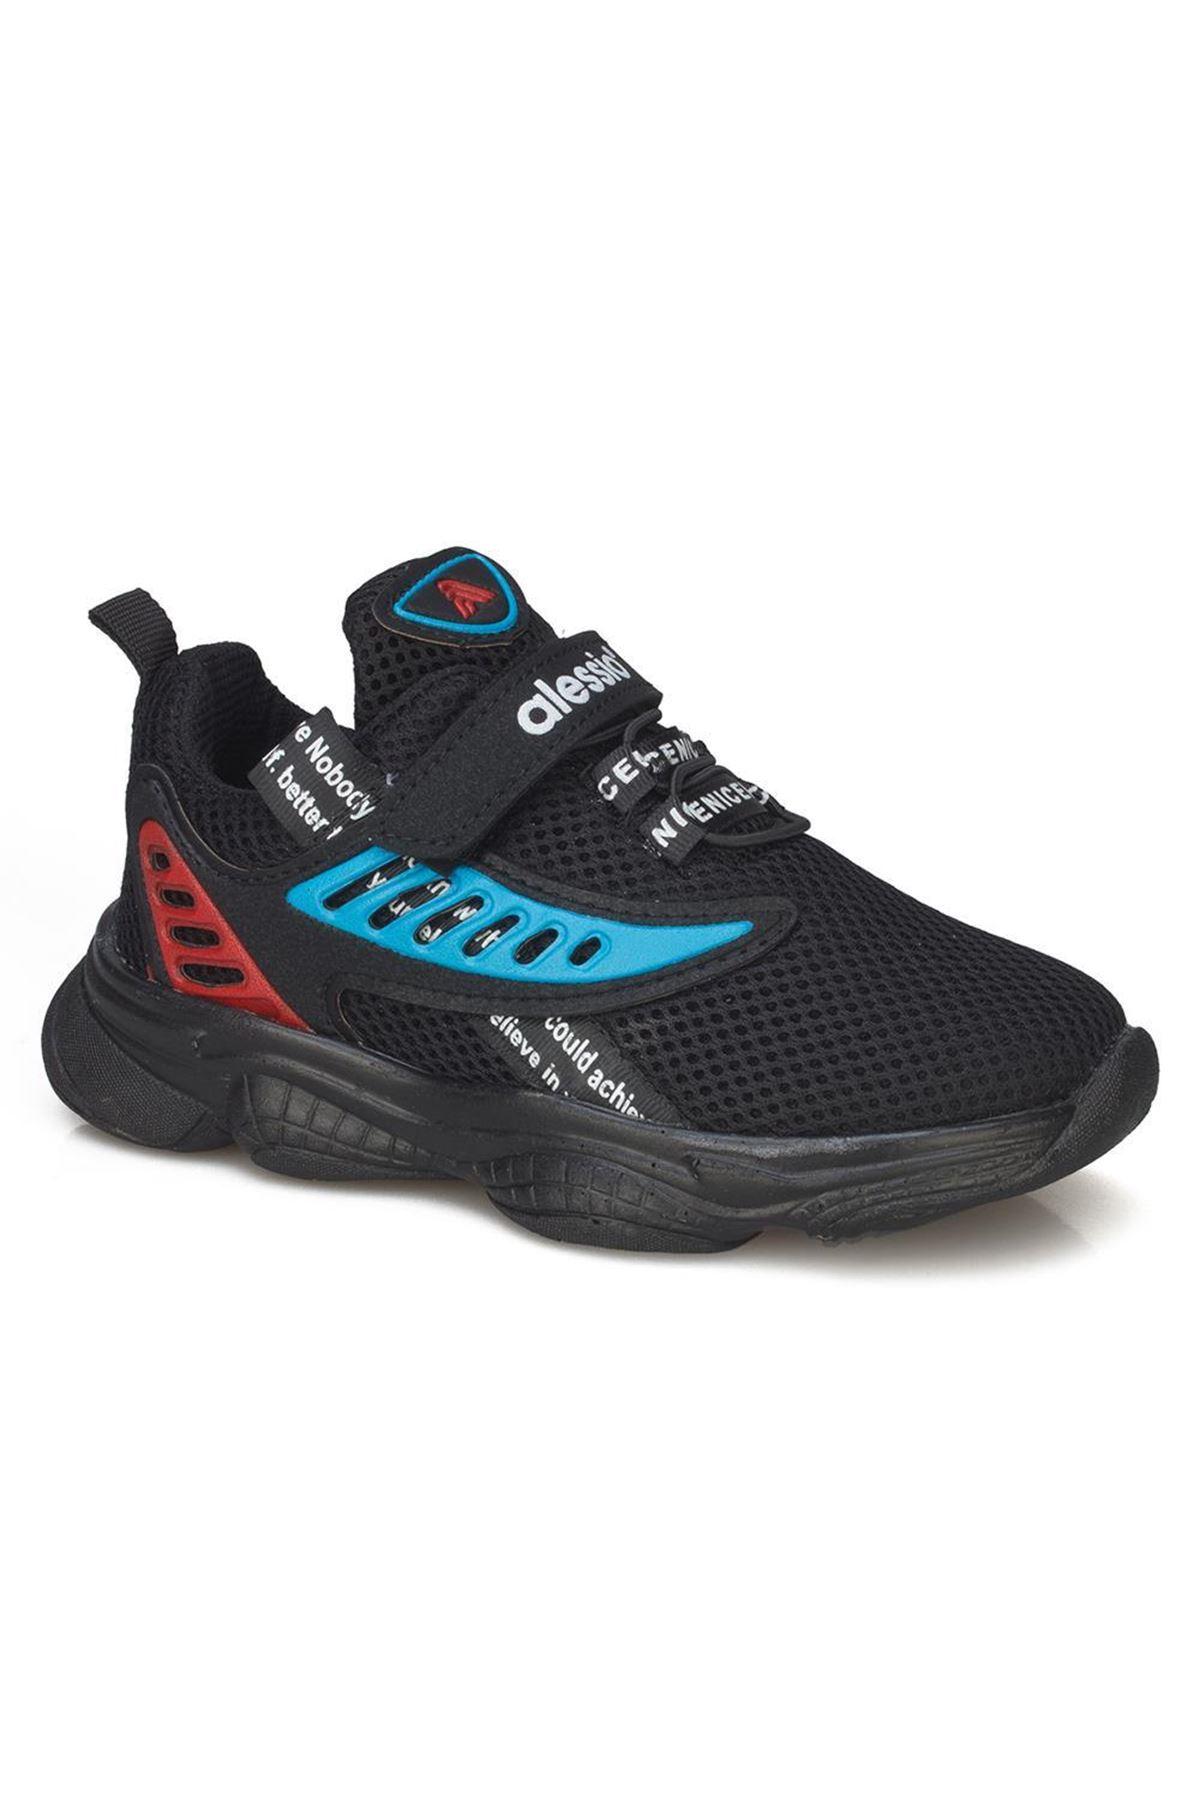 Kids World 2019-C Comfort Erkek Çocuk Spor Ayakkabı